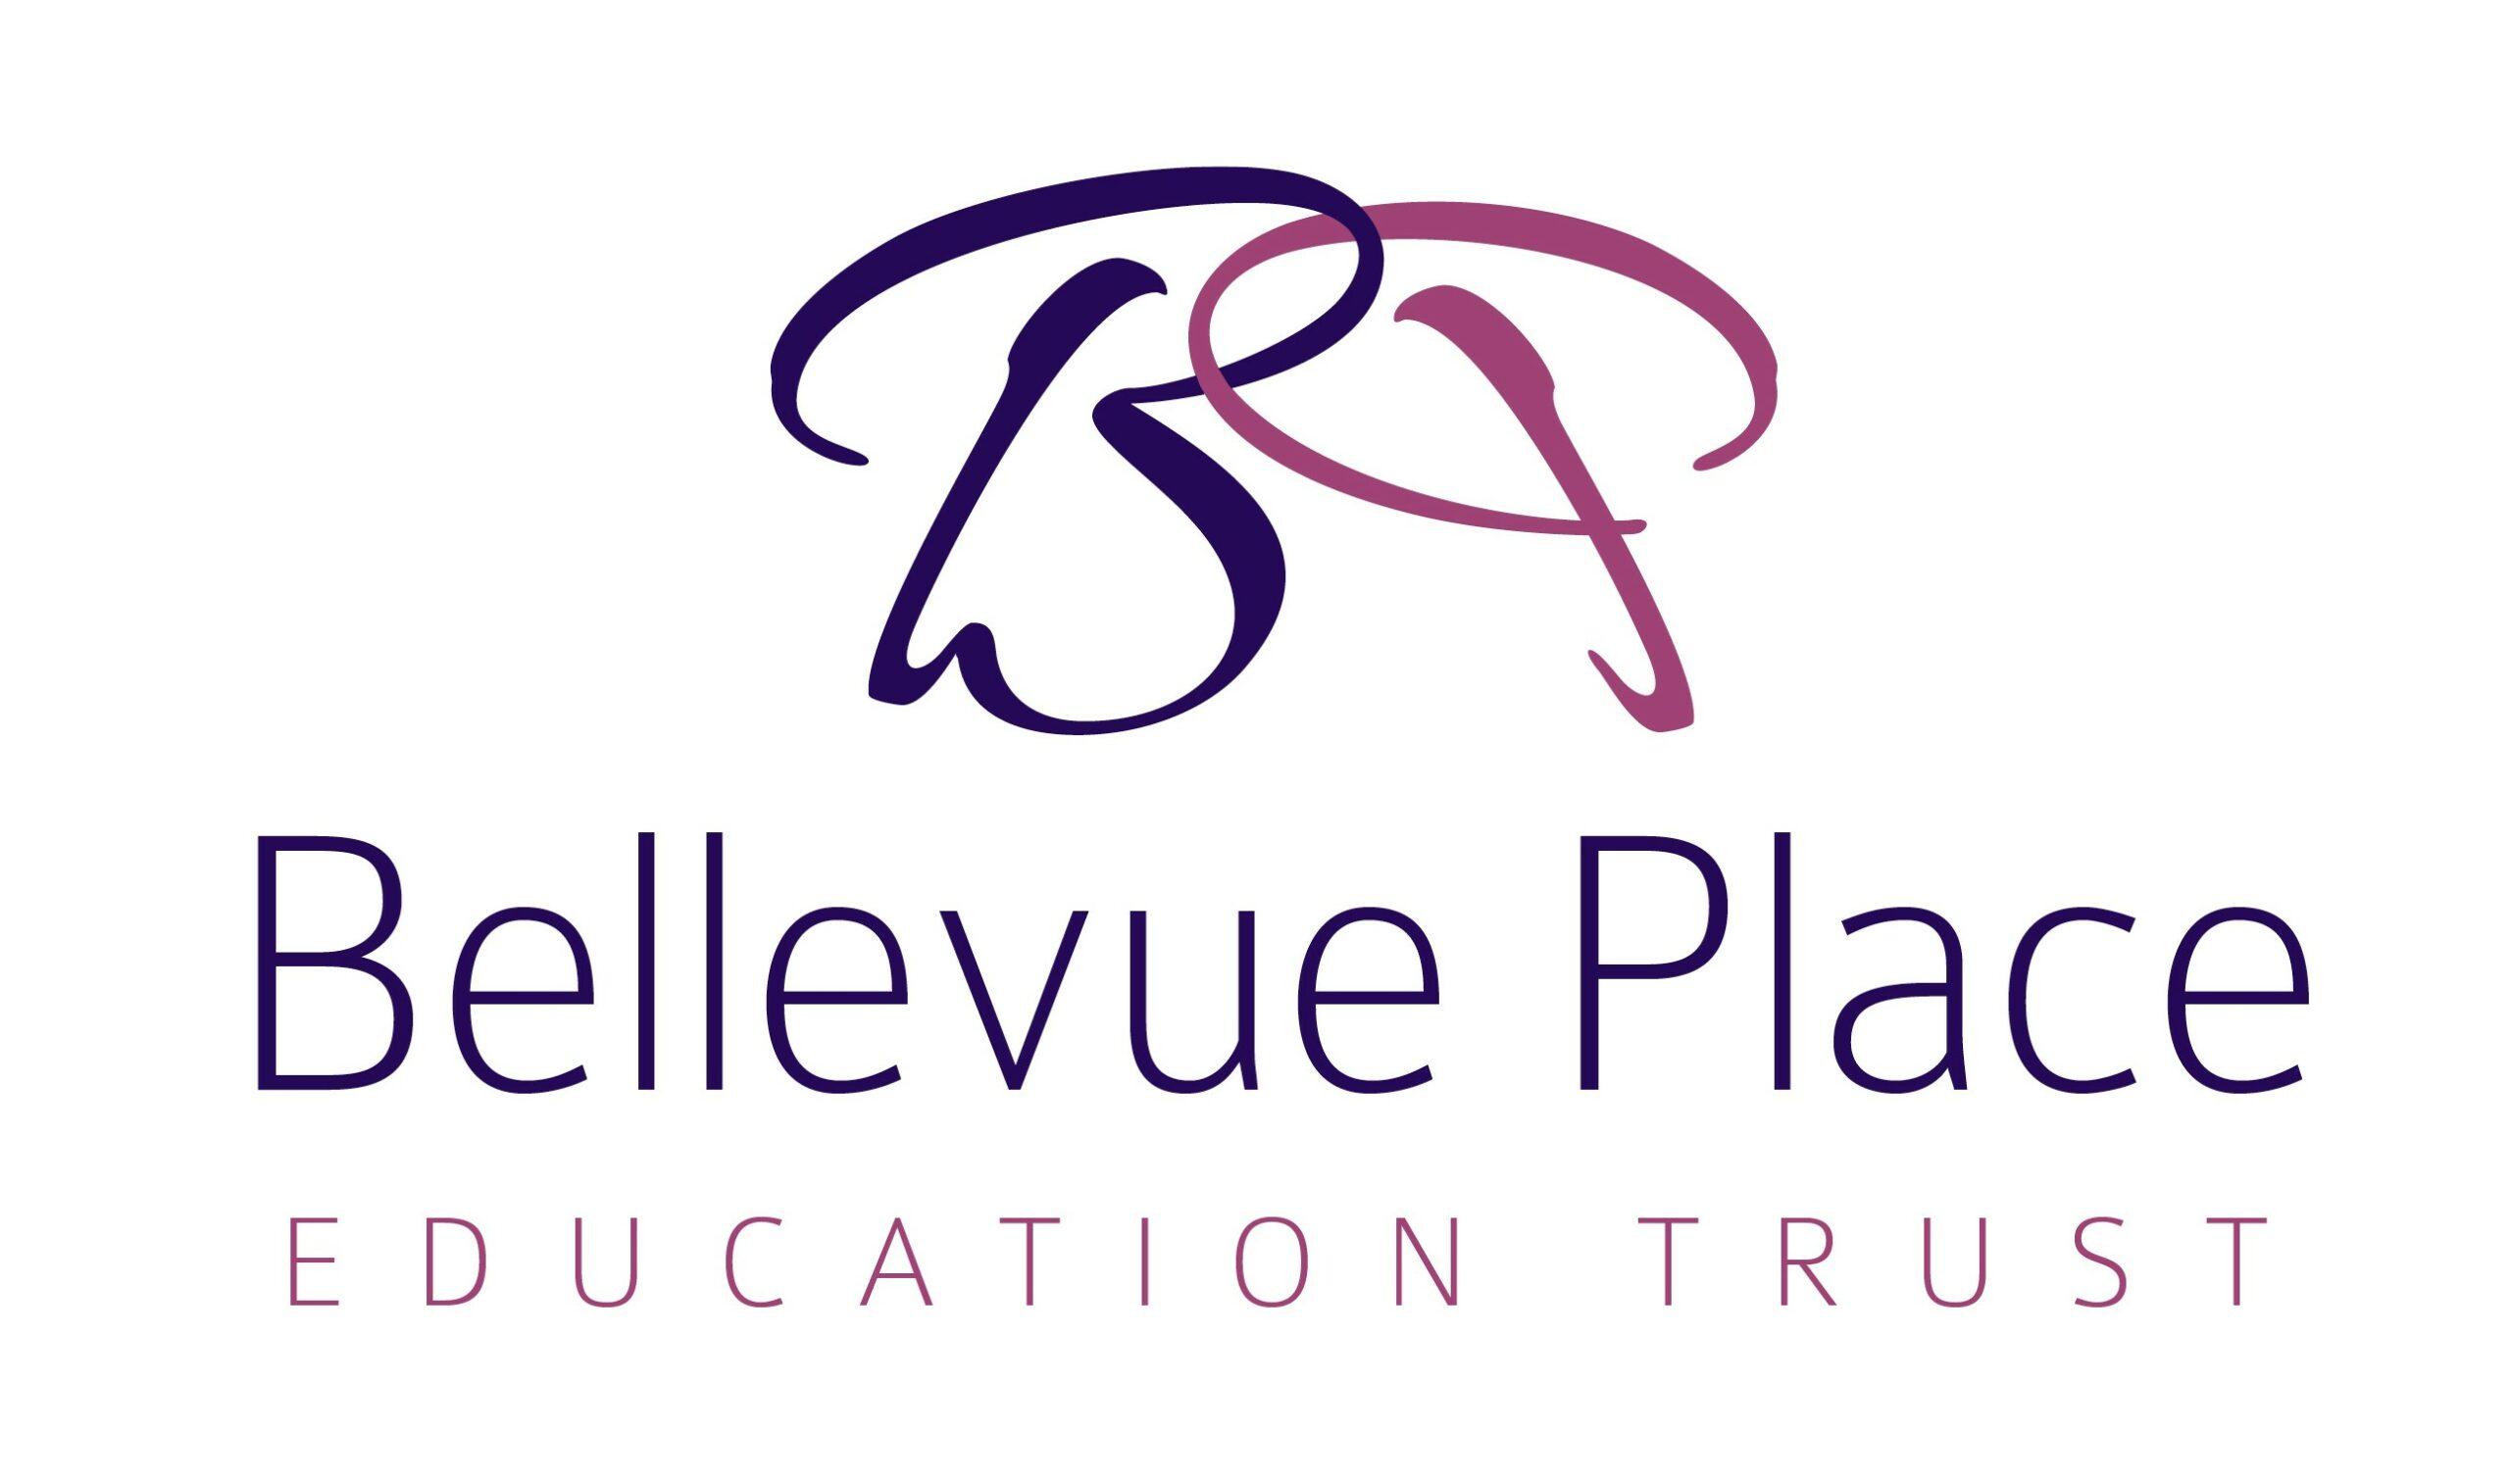 Bellevue Place Education Trust